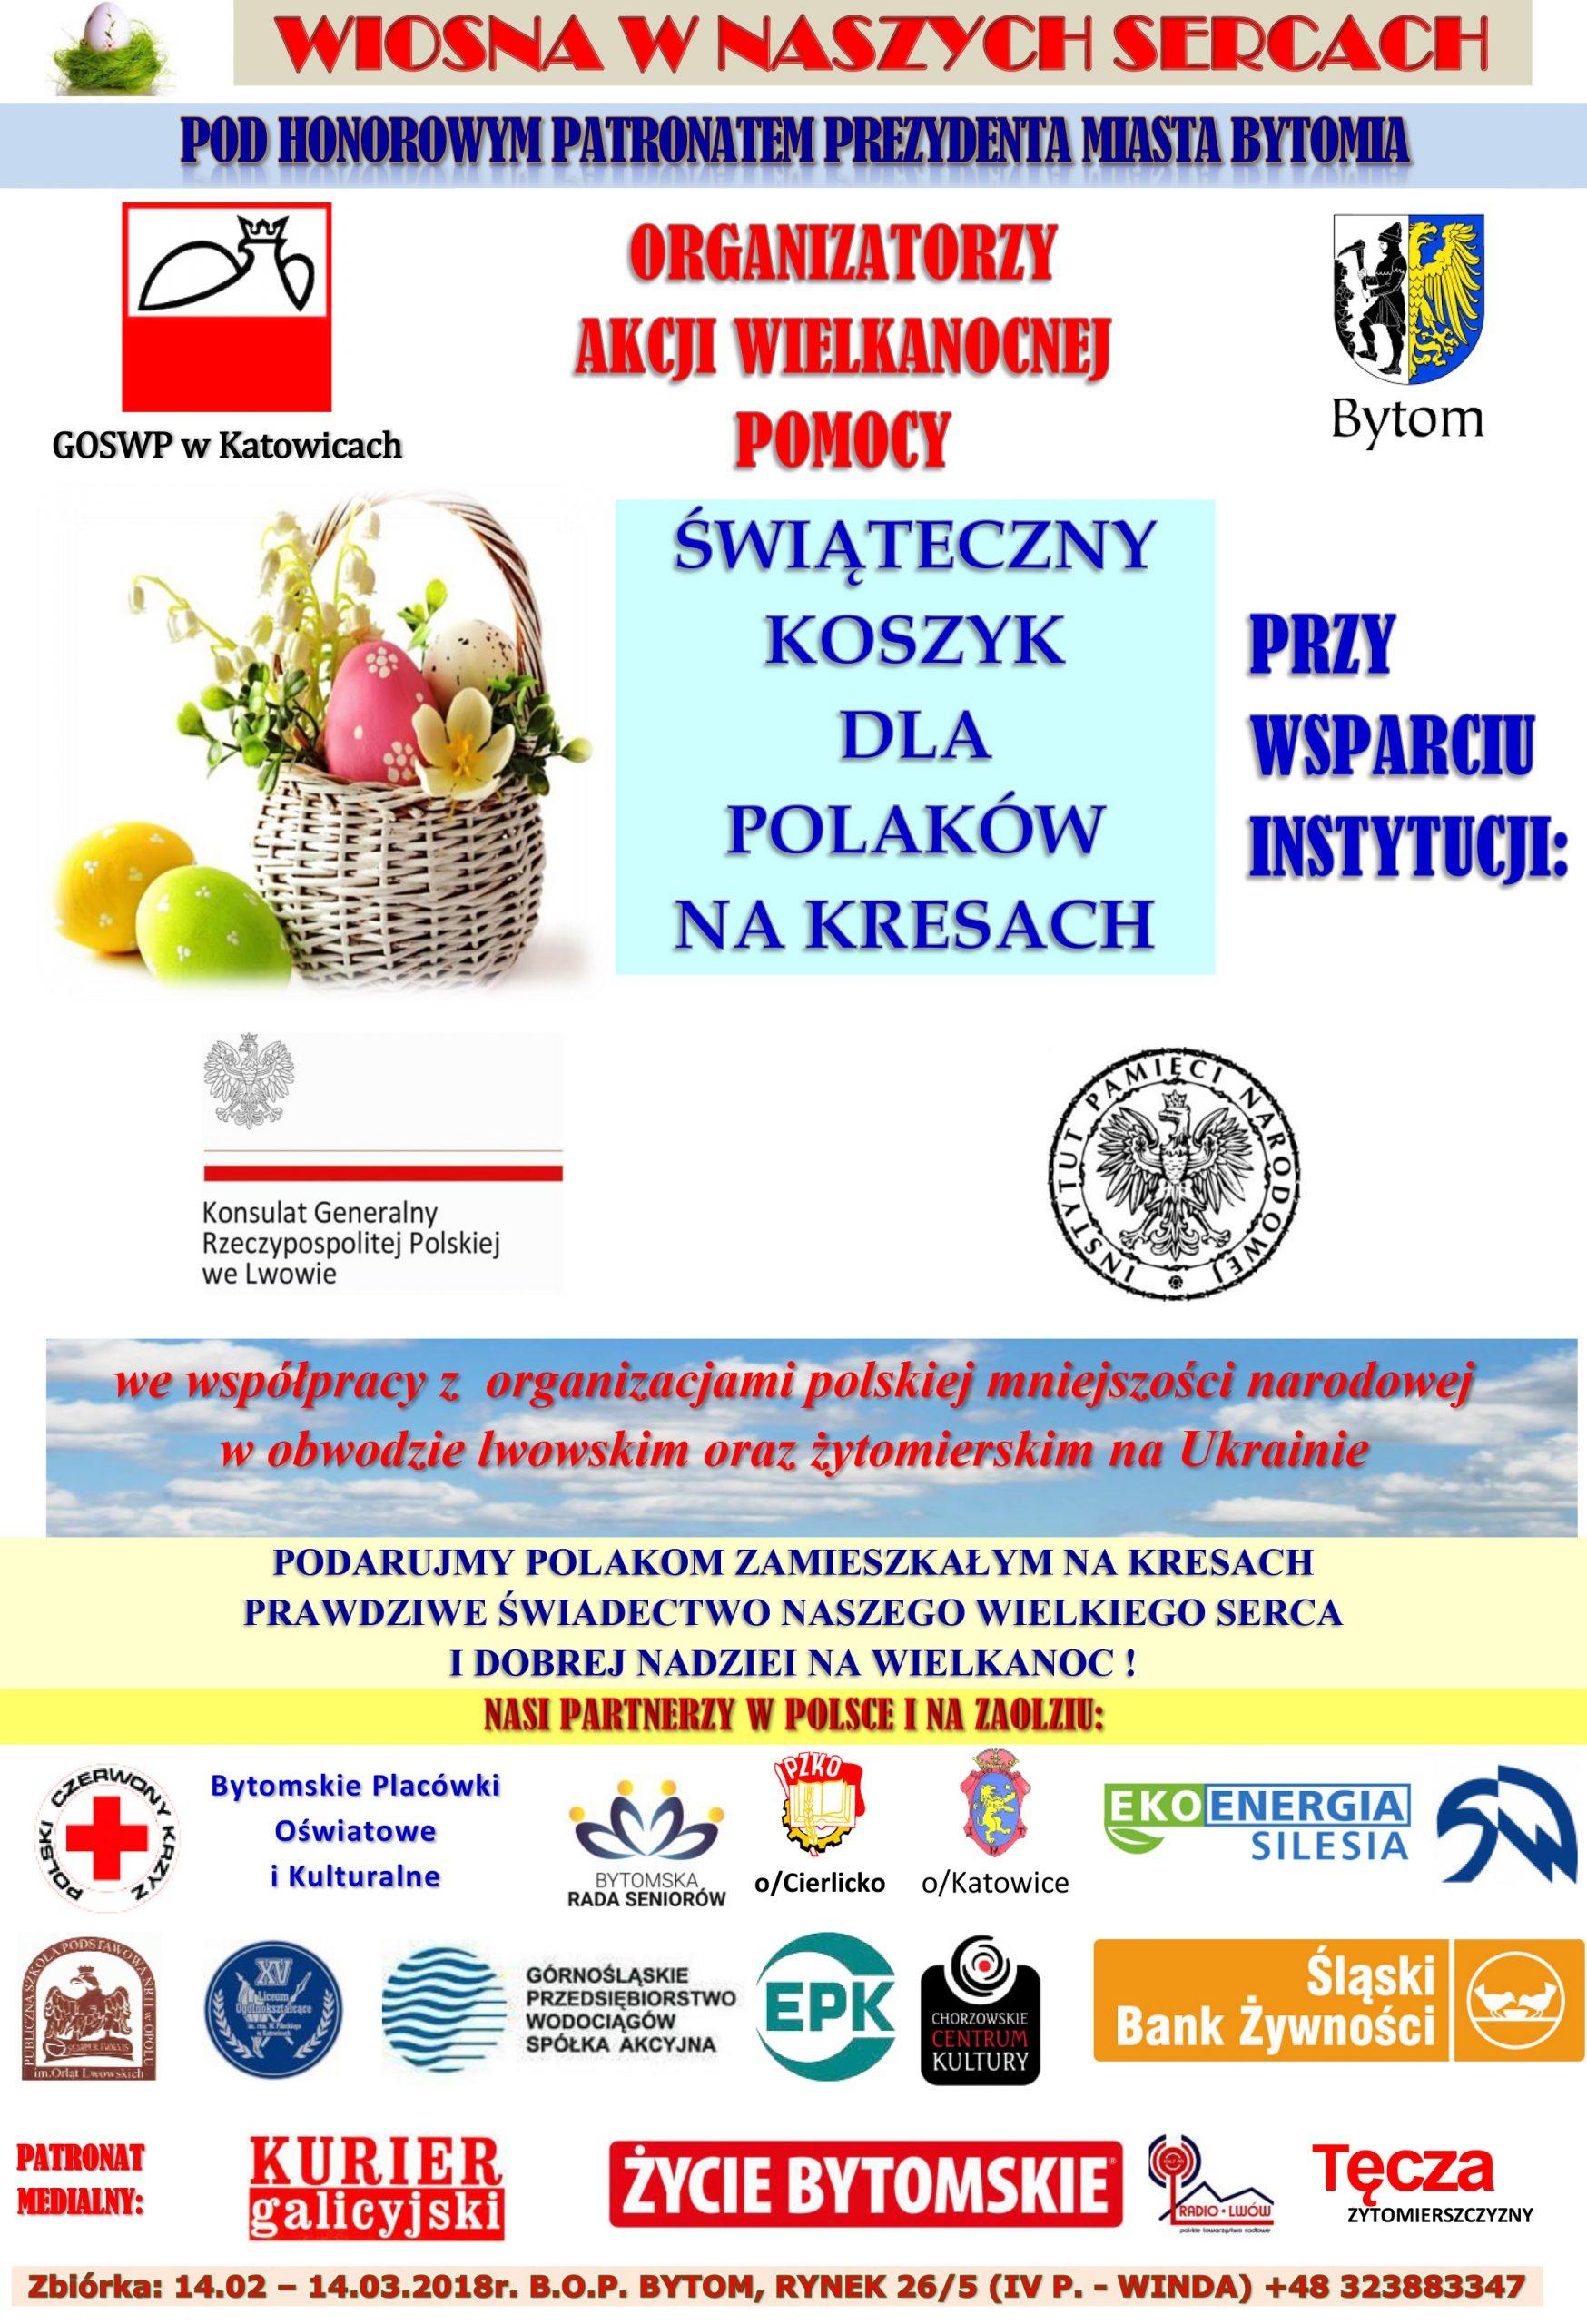 Świąteczny koszyk dla Polaków na Kresach